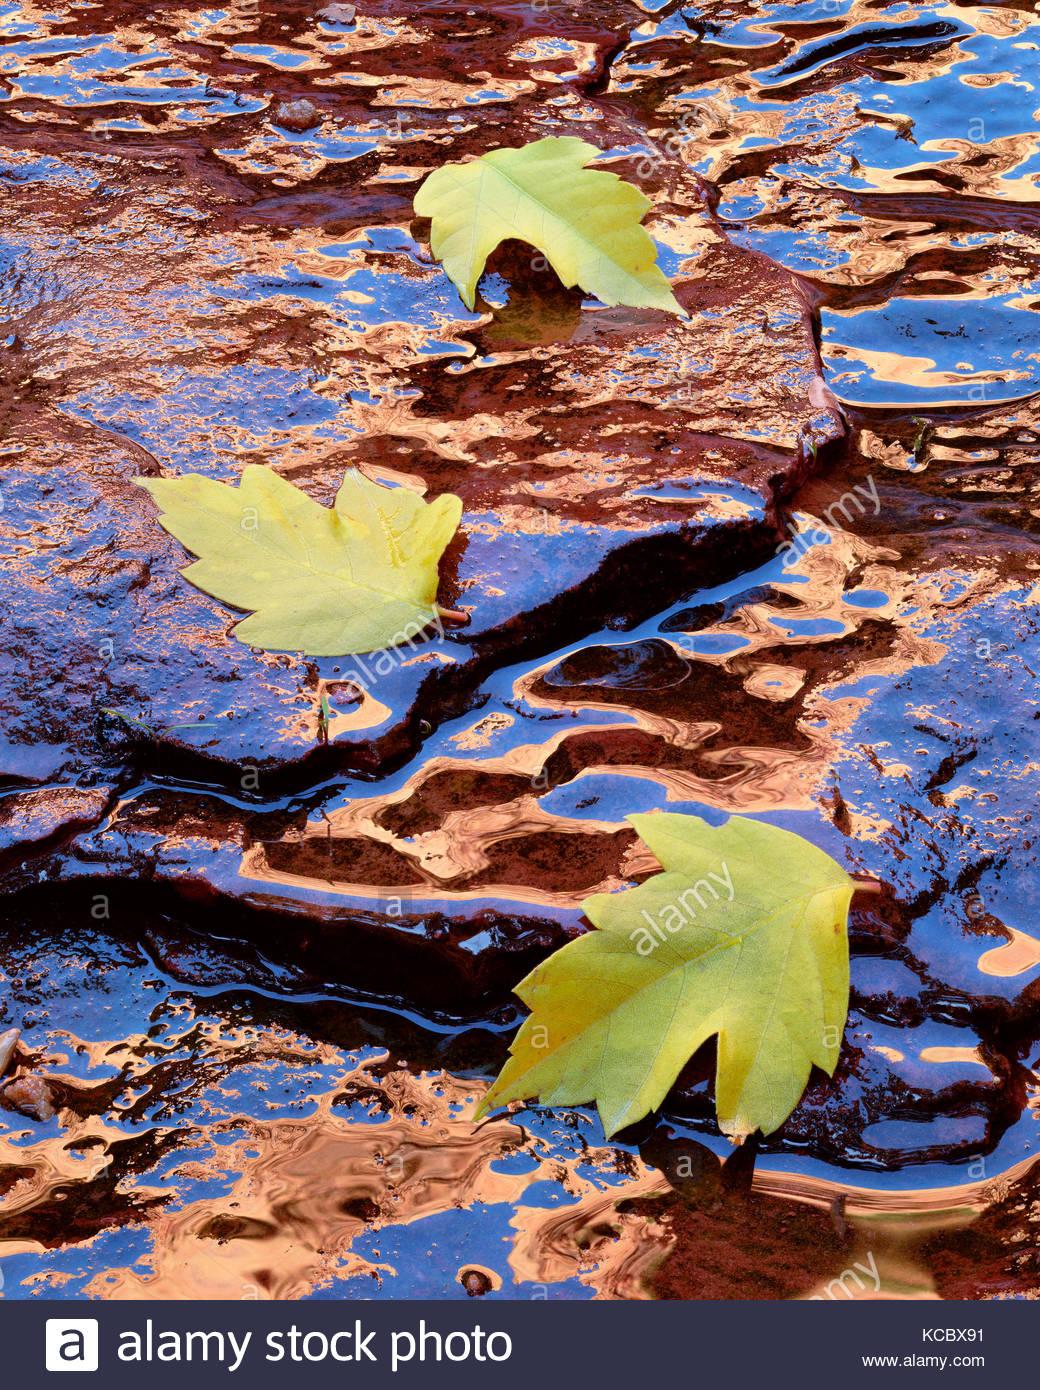 Boxelder deja caído en primavera, cañones Kolob Seep, Parque Nacional Zion, Utah Imagen De Stock